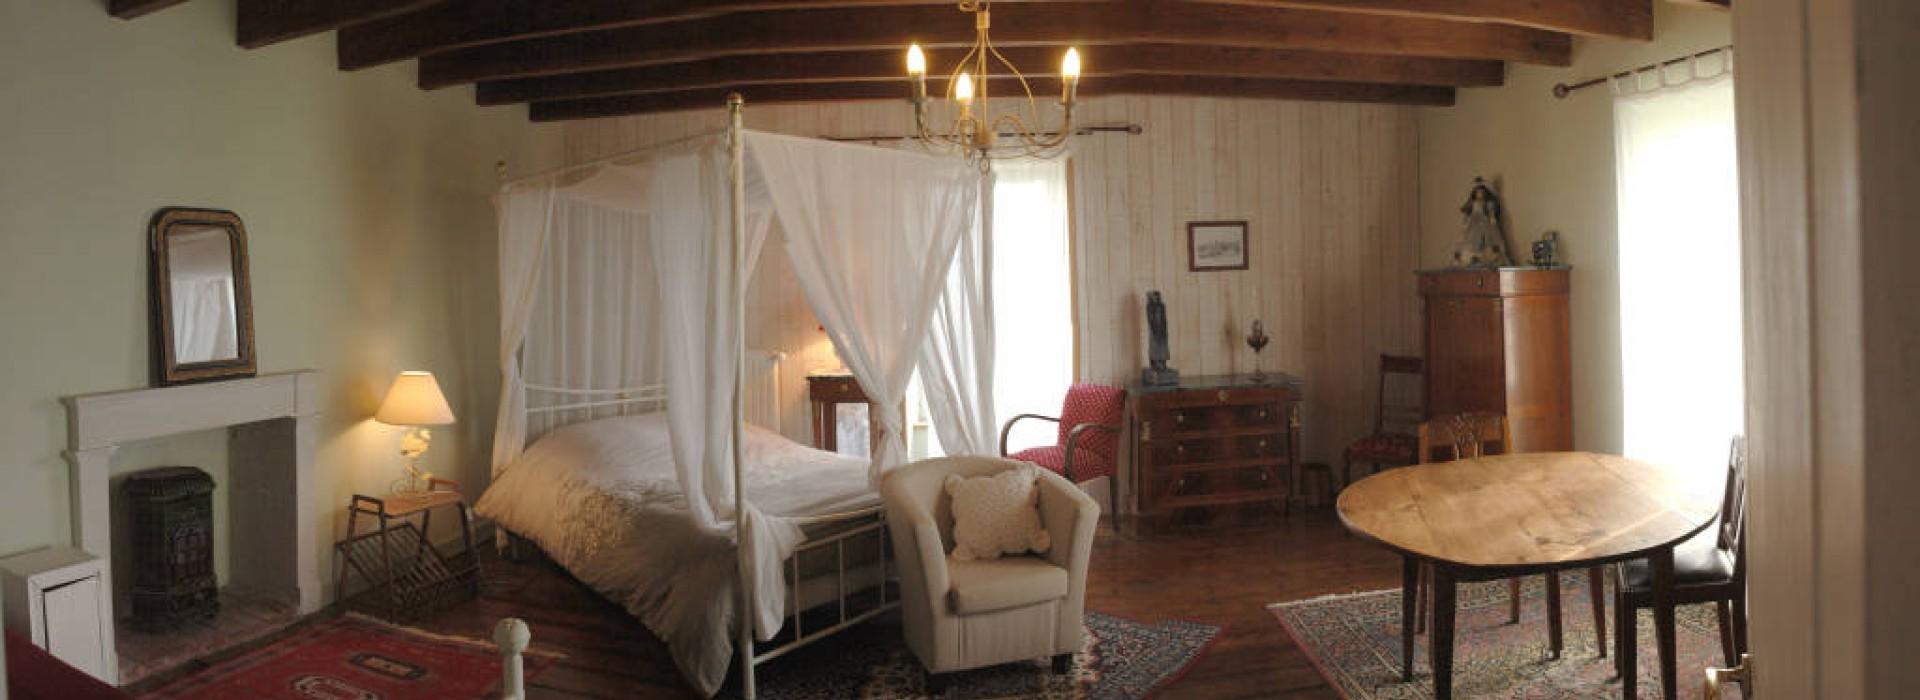 Chambre d 39 hotes caillet christophe chambres d 39 h tes en - Chateauneuf en auxois chambre d hotes ...